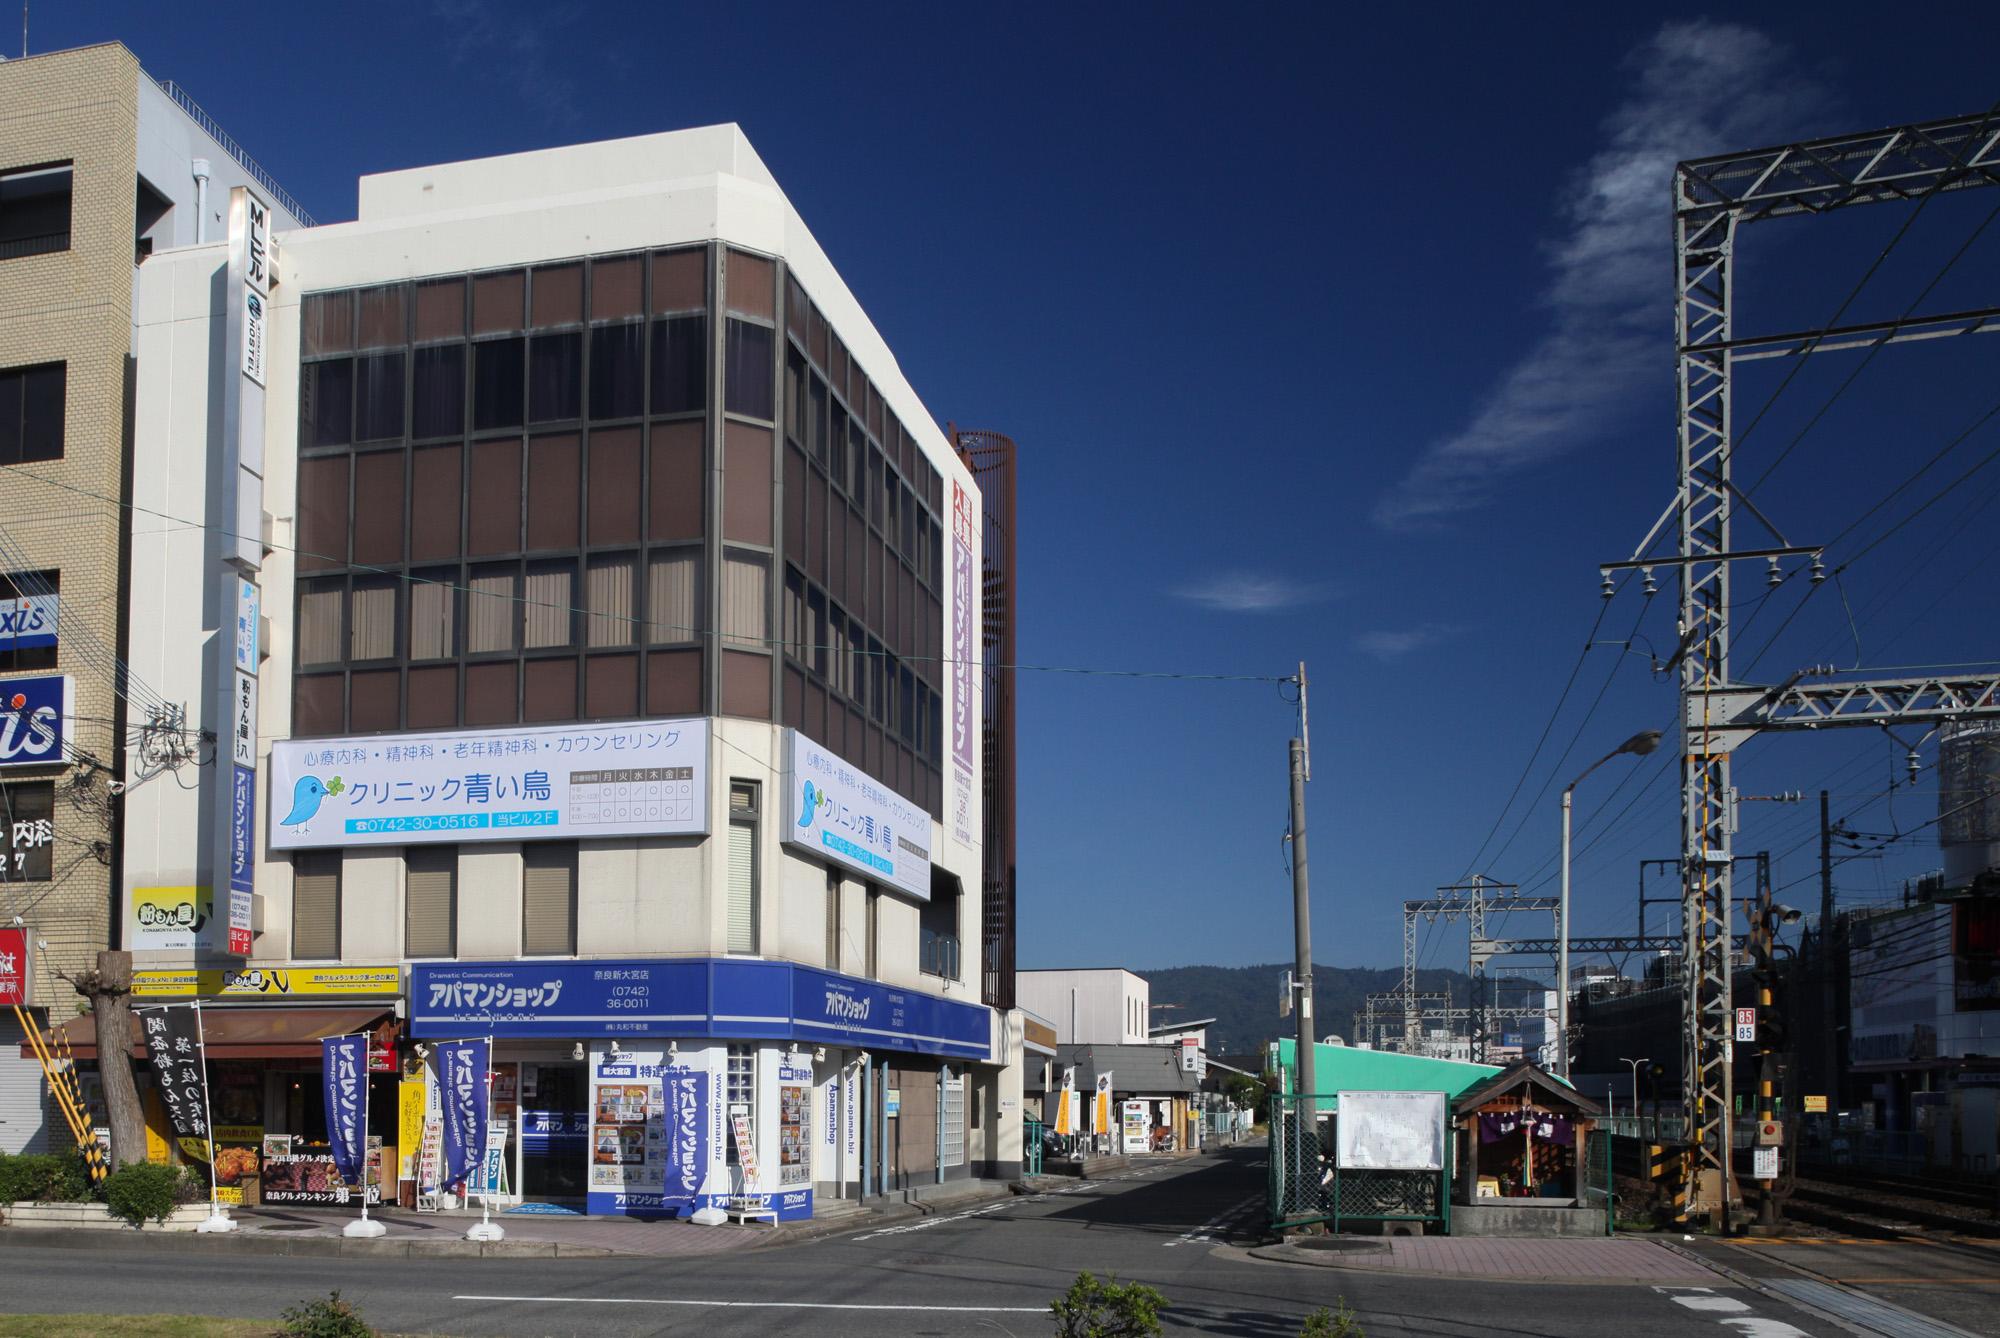 MLインターナショナルホステル(えむえるほすてる) image